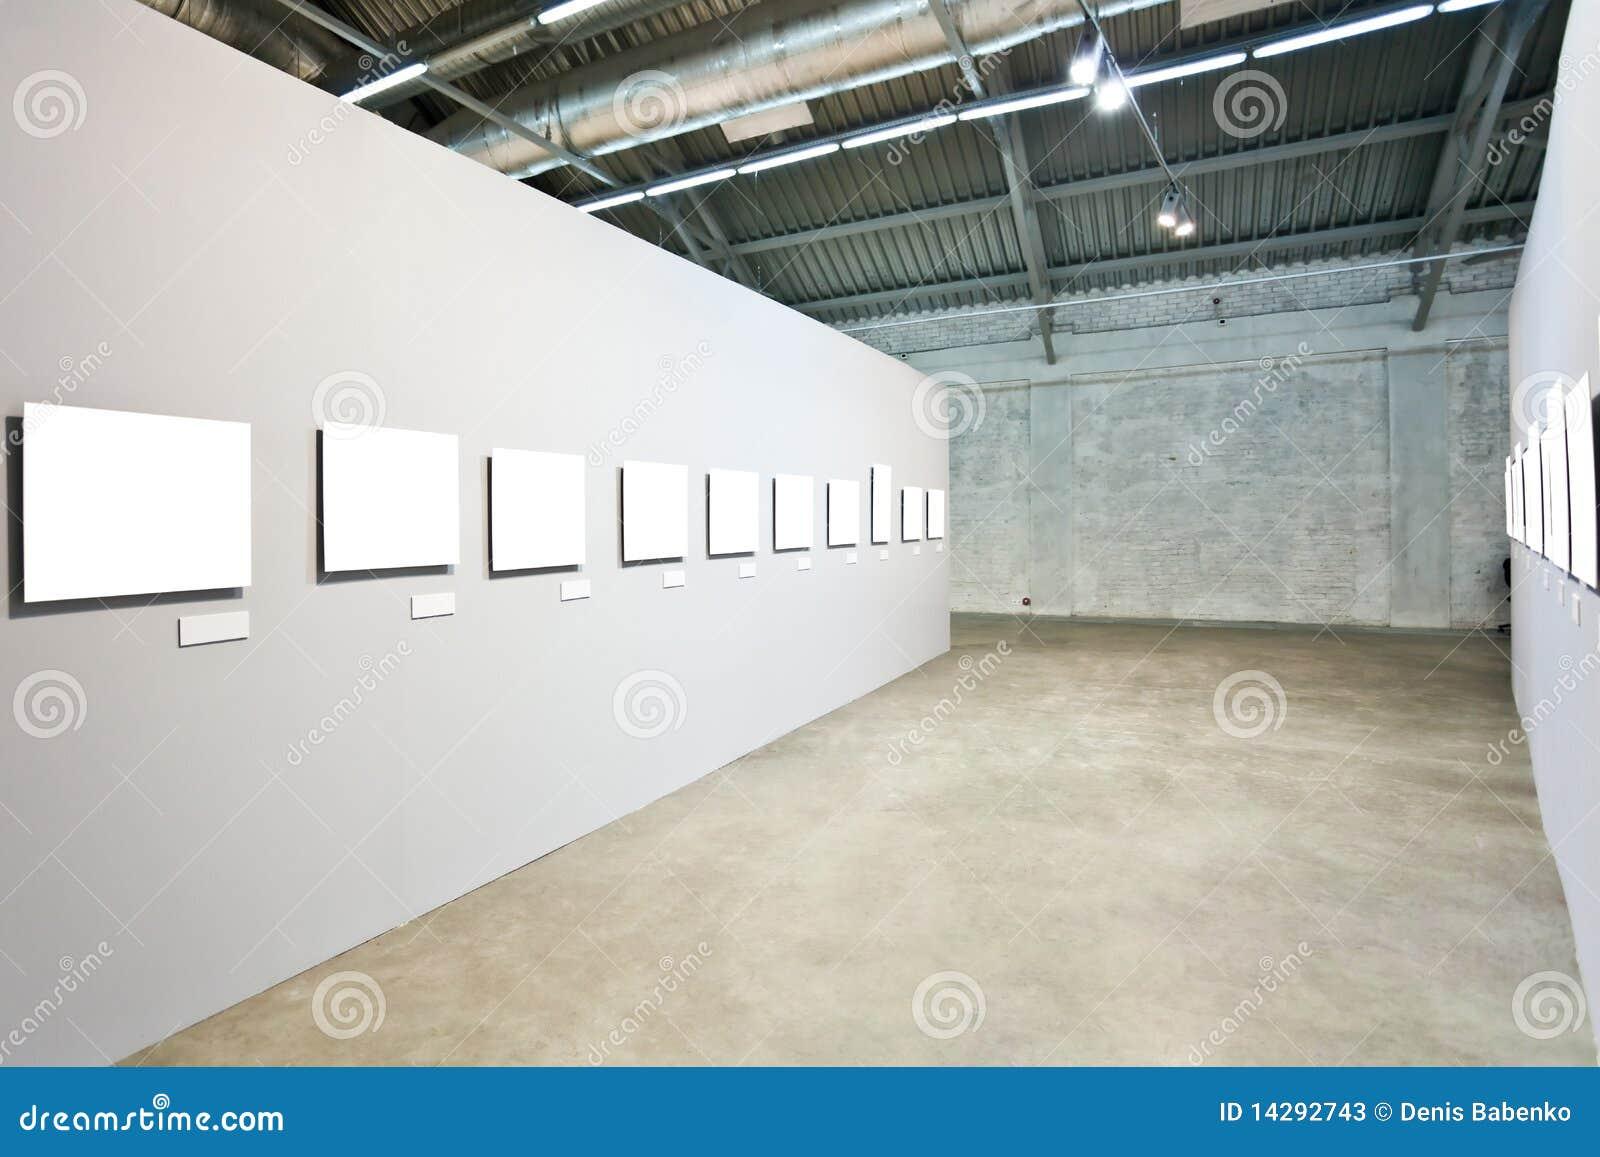 Graue Wände Mit Vielen Feldern Stockfotos - Bild: 14292743